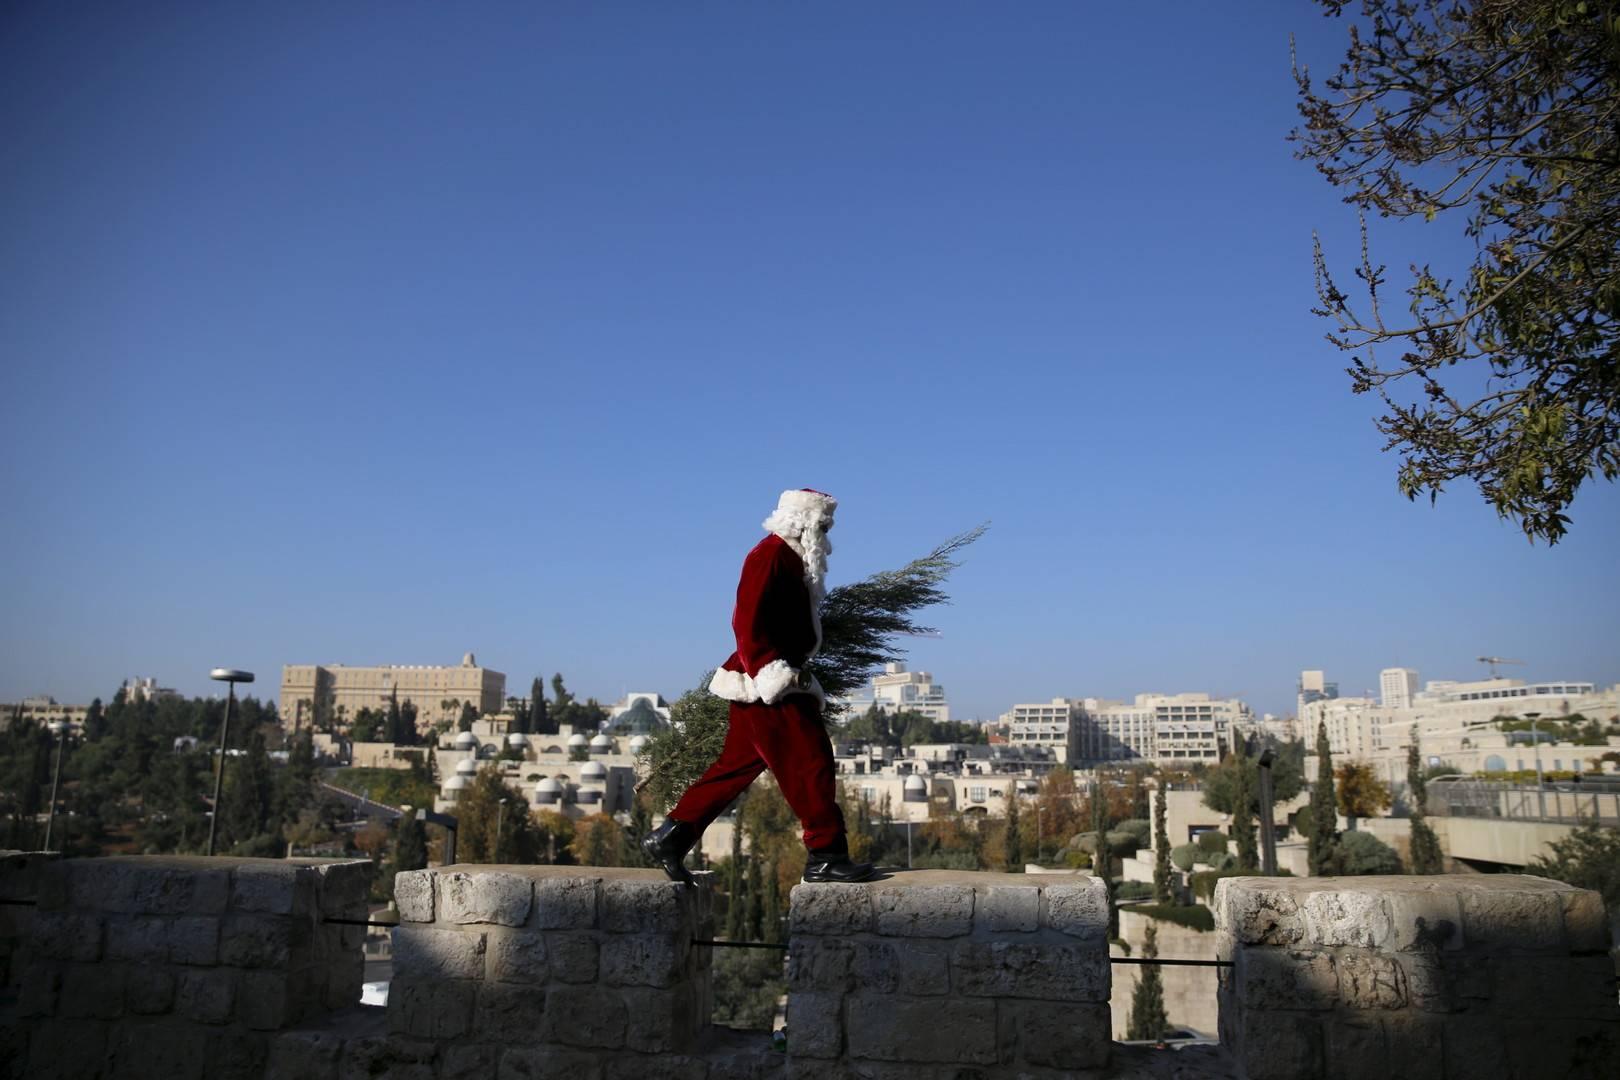 Кибуцы в израиле в 2021 году: традиции и инновации